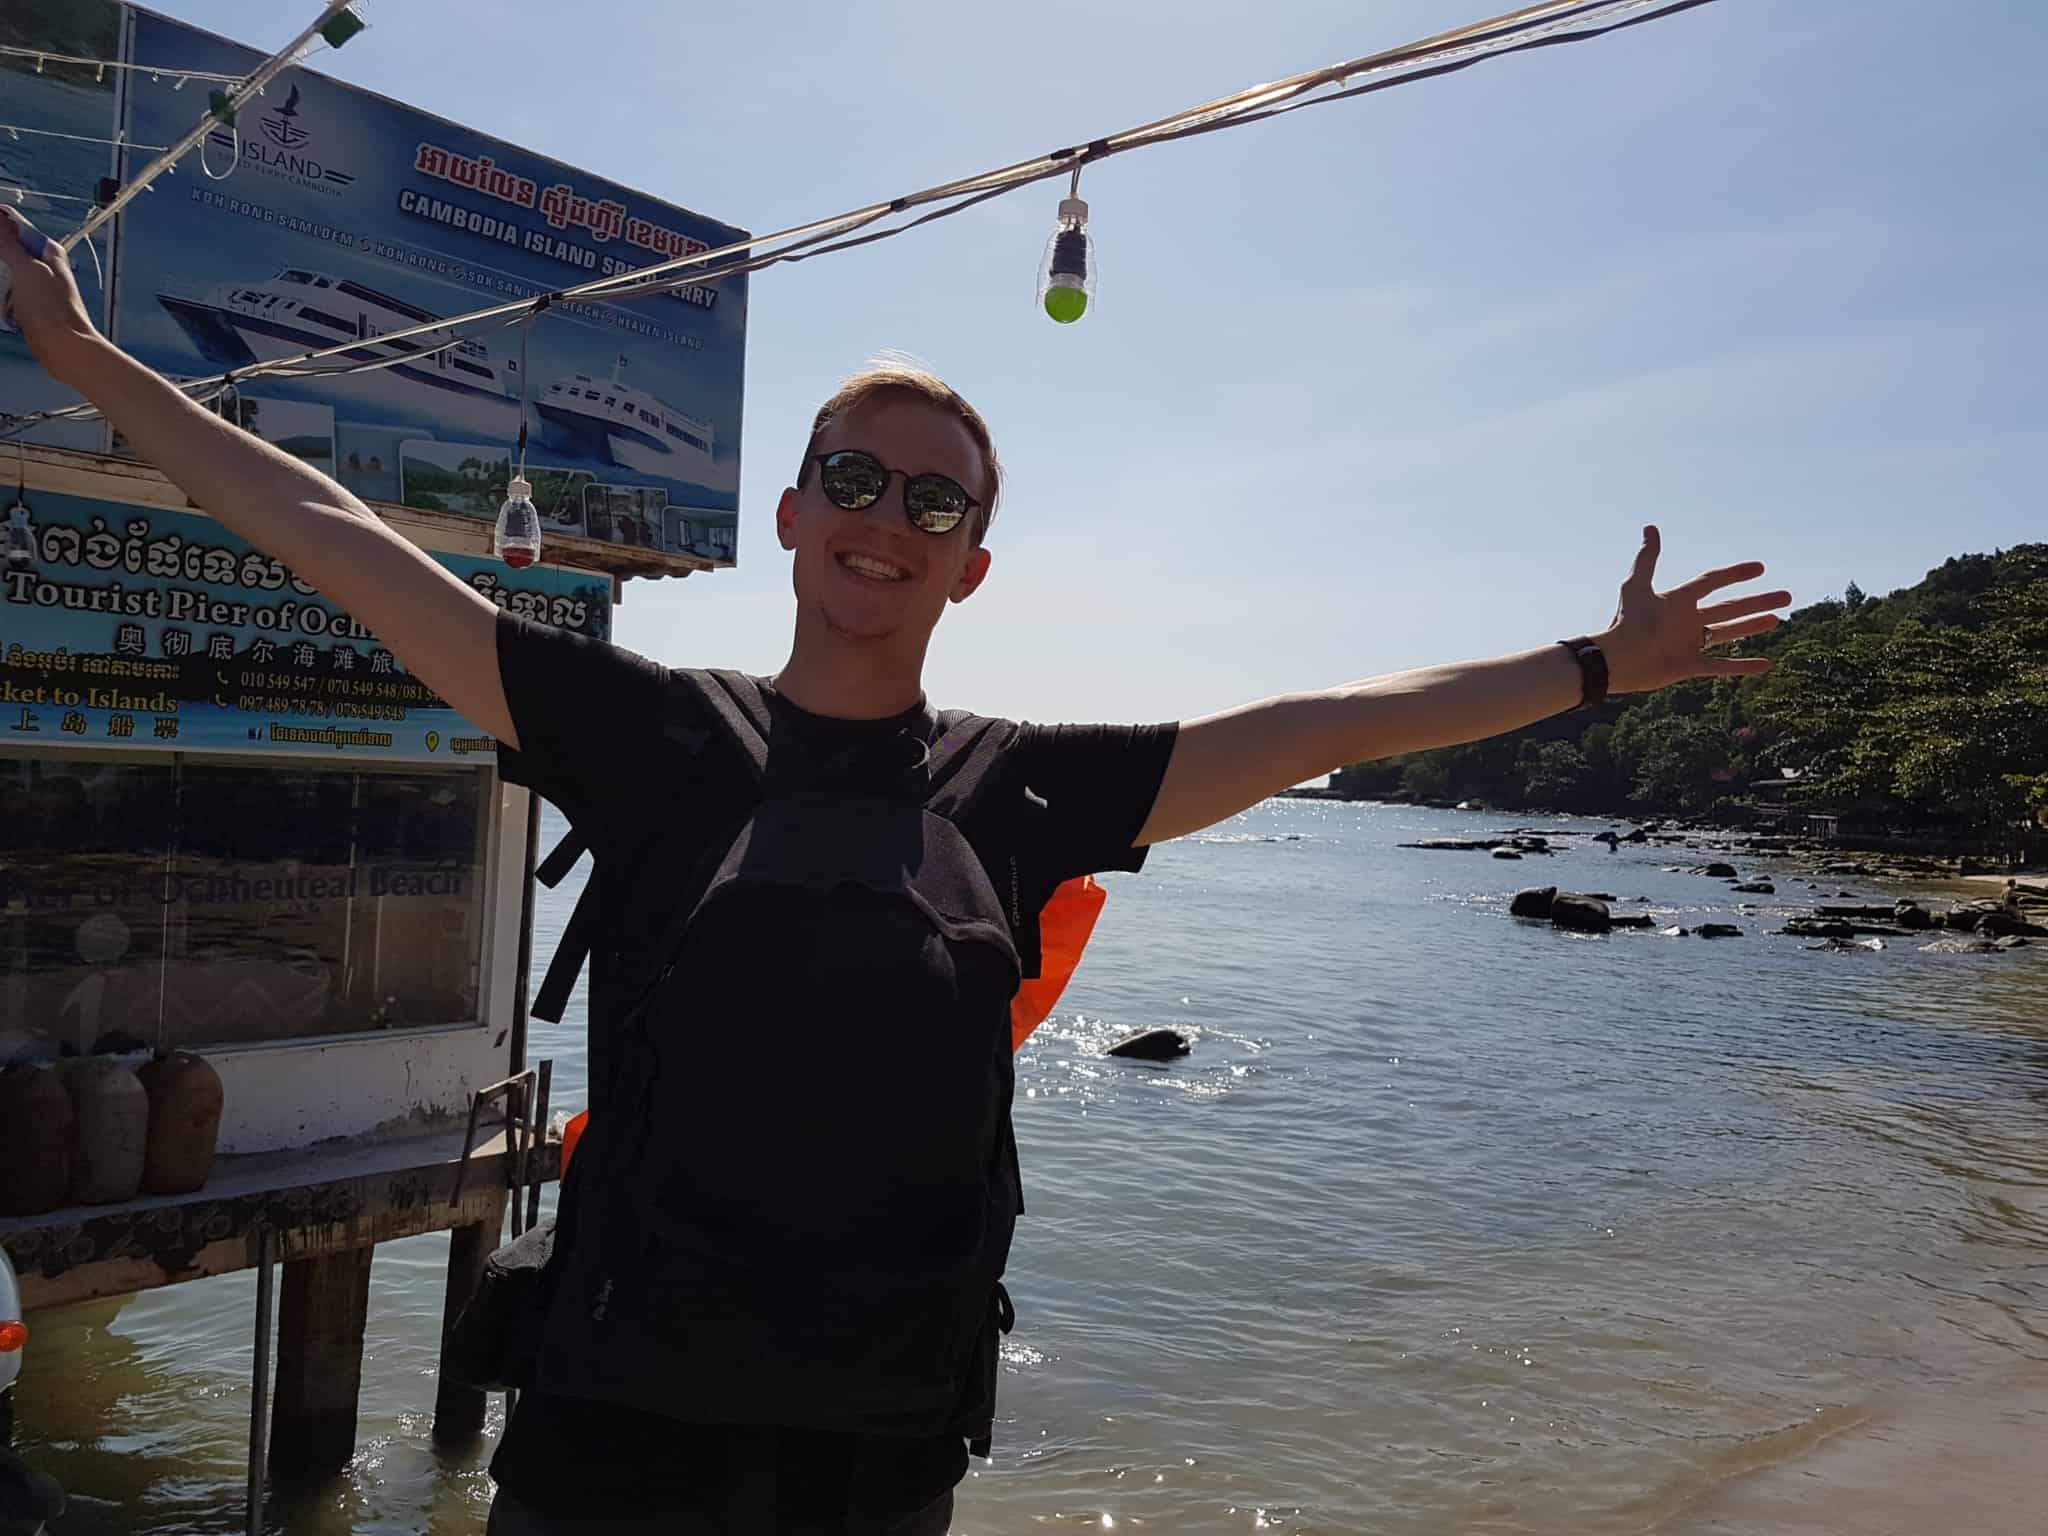 Cambodge, quand une rencontre t'amène sur une île paradisiaque 🌴 8